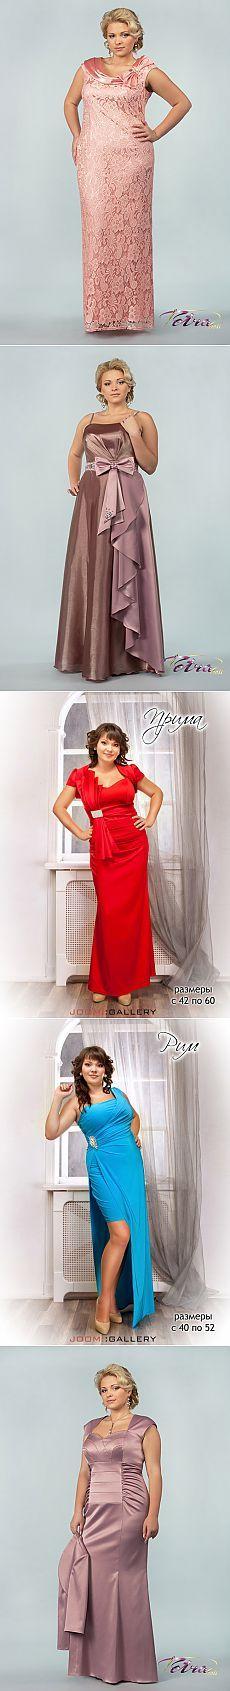 Мода для полных. Вечерние платья для полных - Сайт о моде для полных красавиц